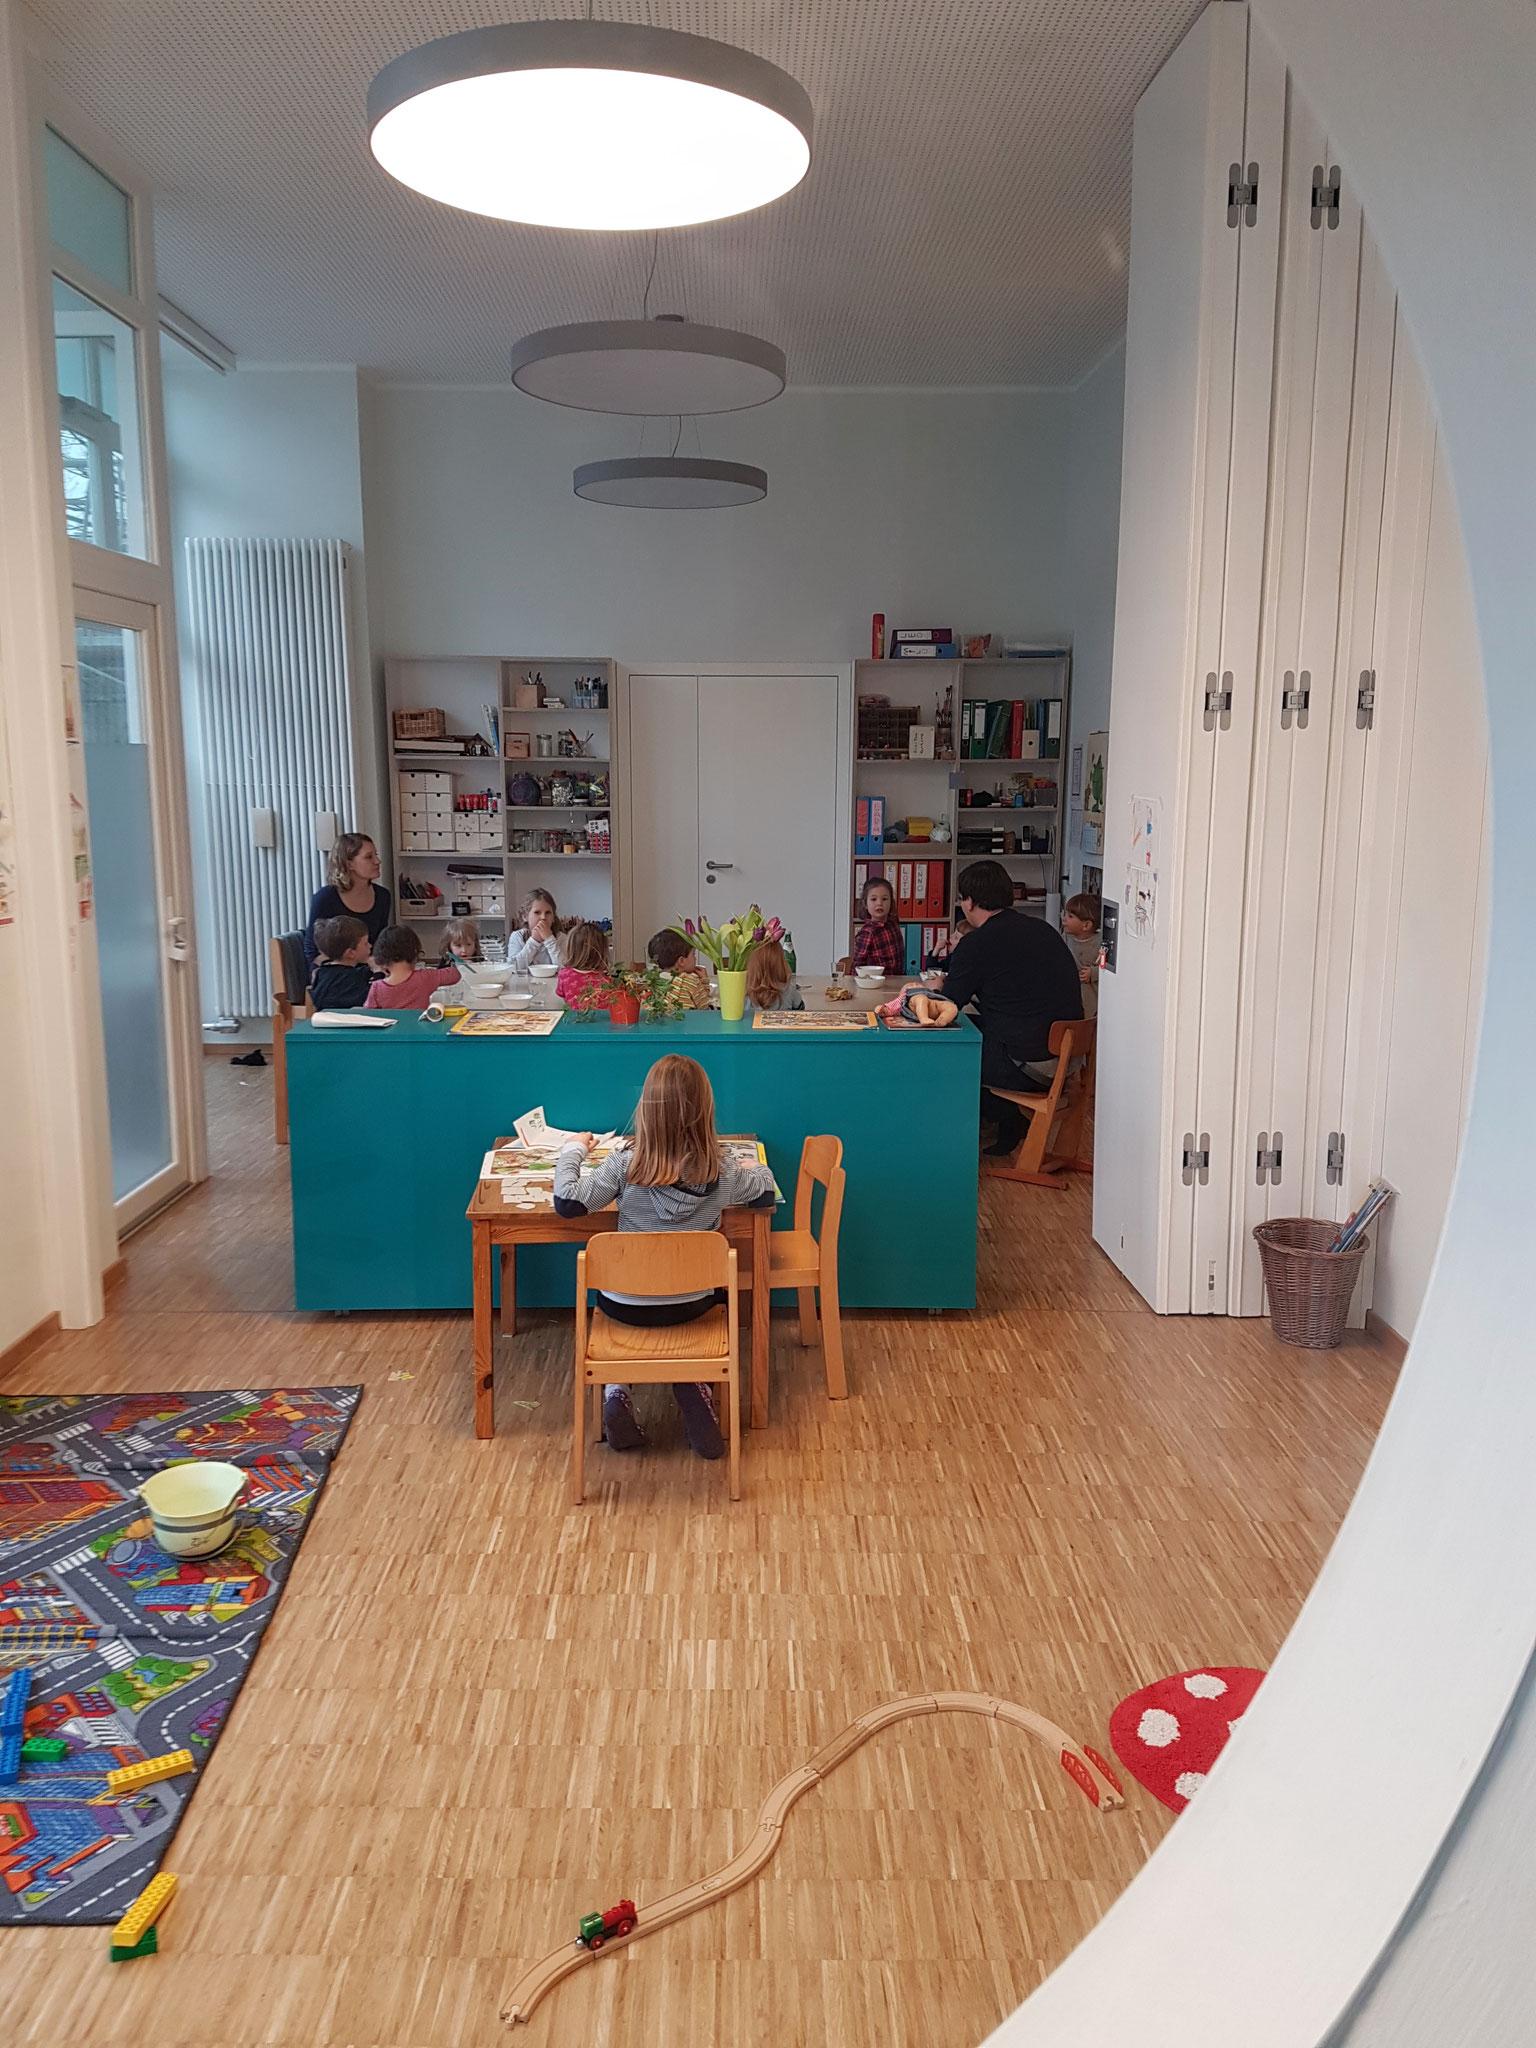 Blick in den großen Raum mit Spiel- und Essbereich